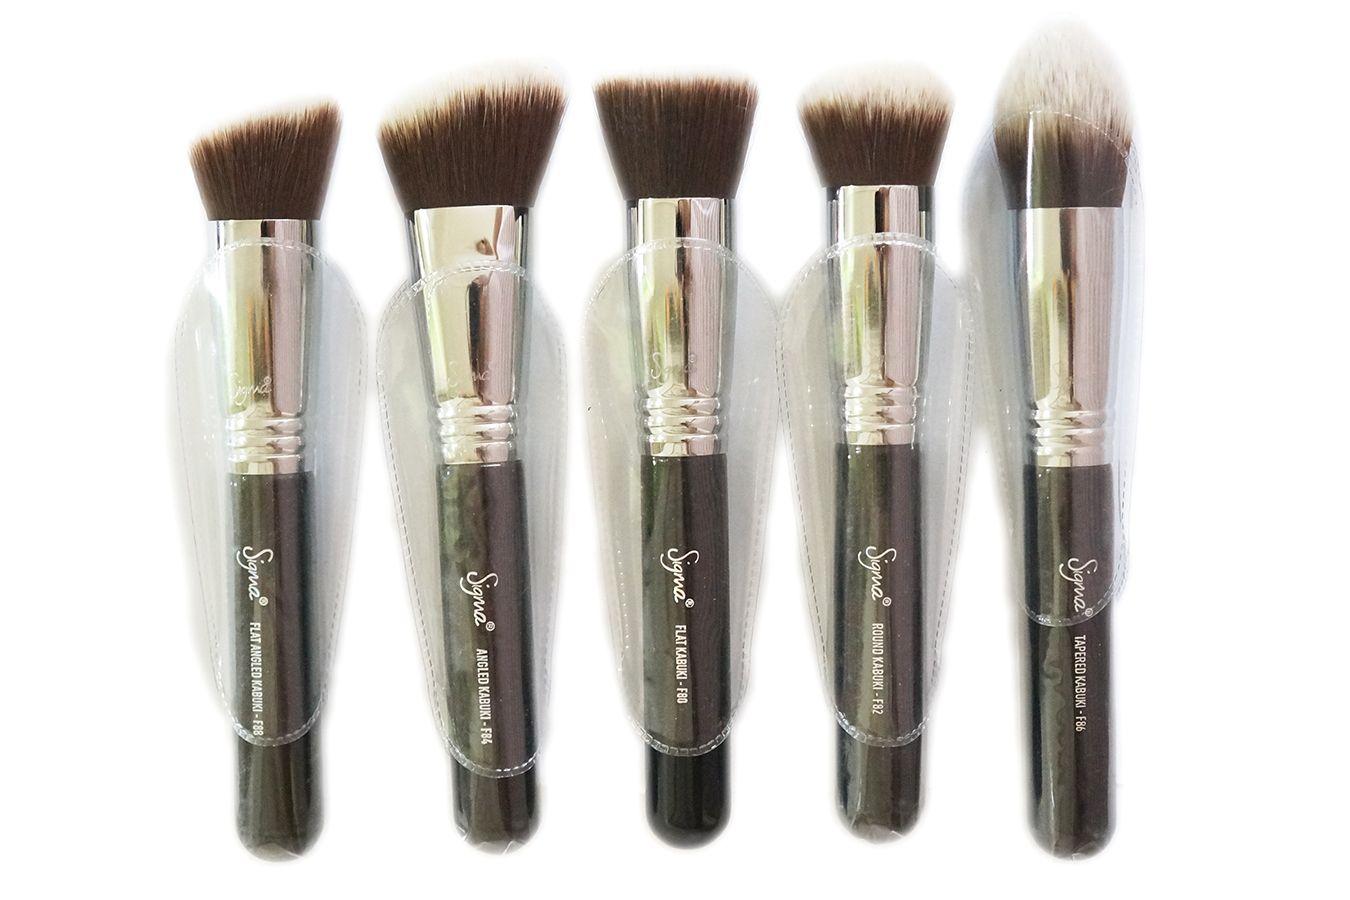 SIGMA Sigmax Kabuki Kit 5Brush Set Brush, Makeup, Matte